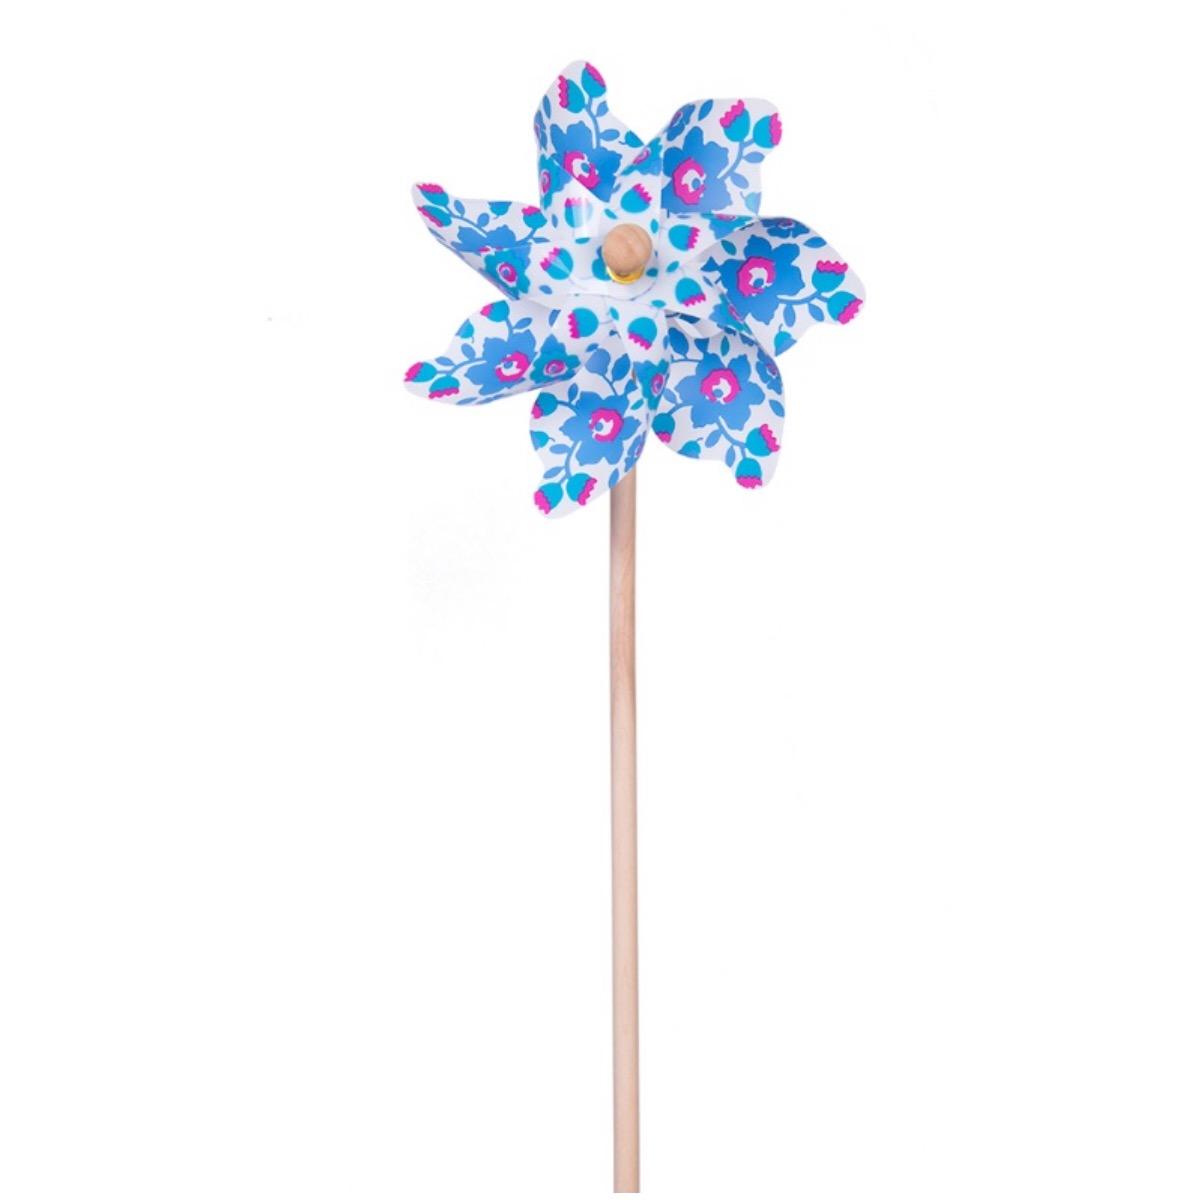 Ветрячок – Весна, 48 смРазное<br>Ветрячок – Весна, 48 см<br>